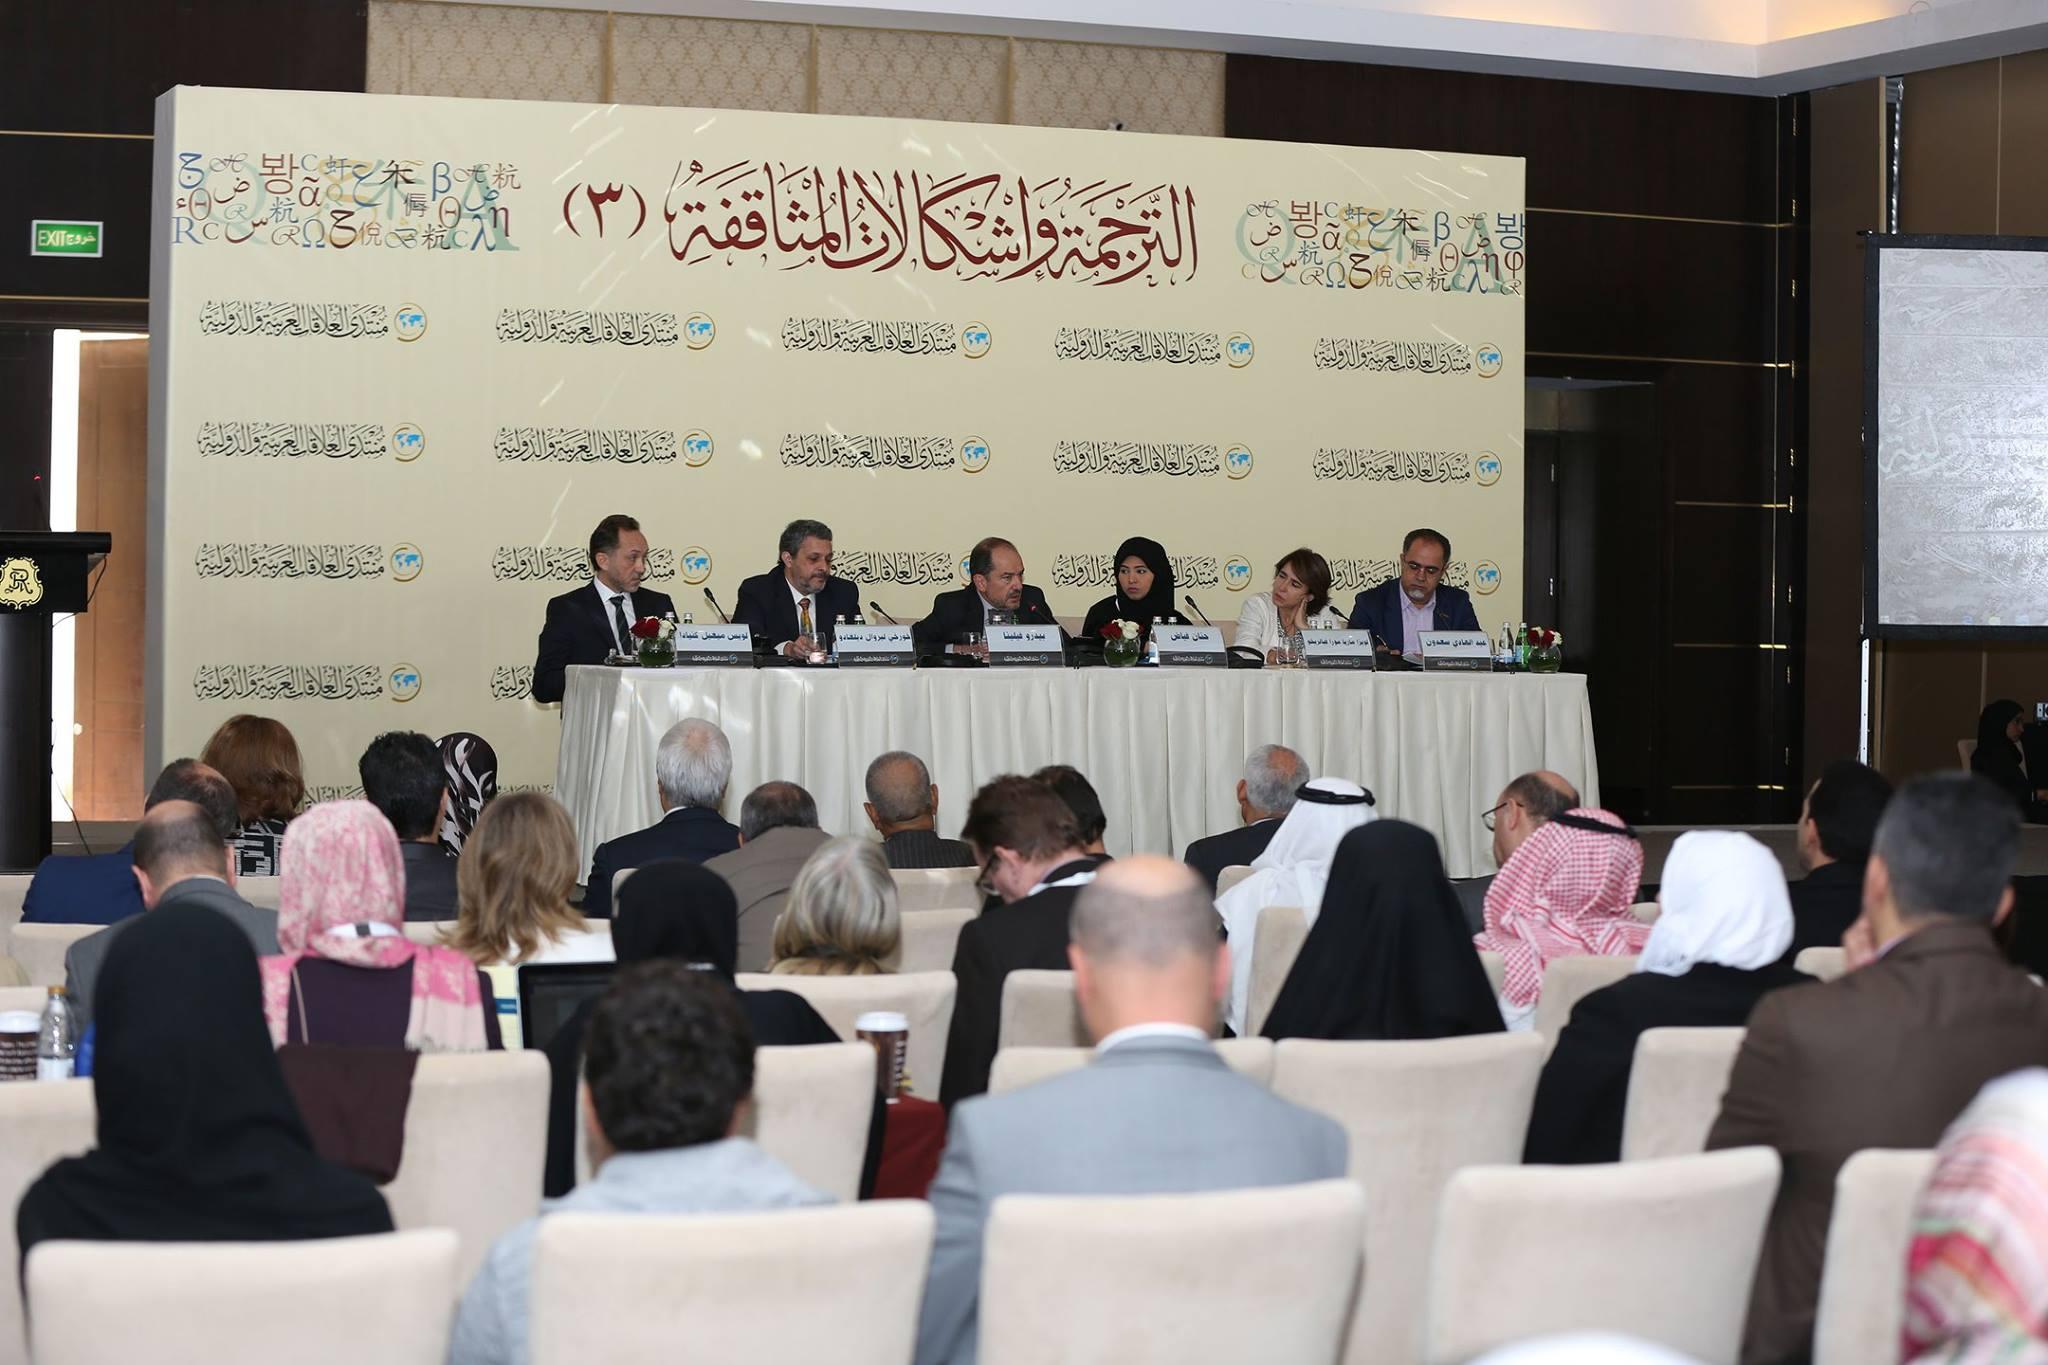 مؤتمر الترجمة وإشكالات المثاقفة (3)